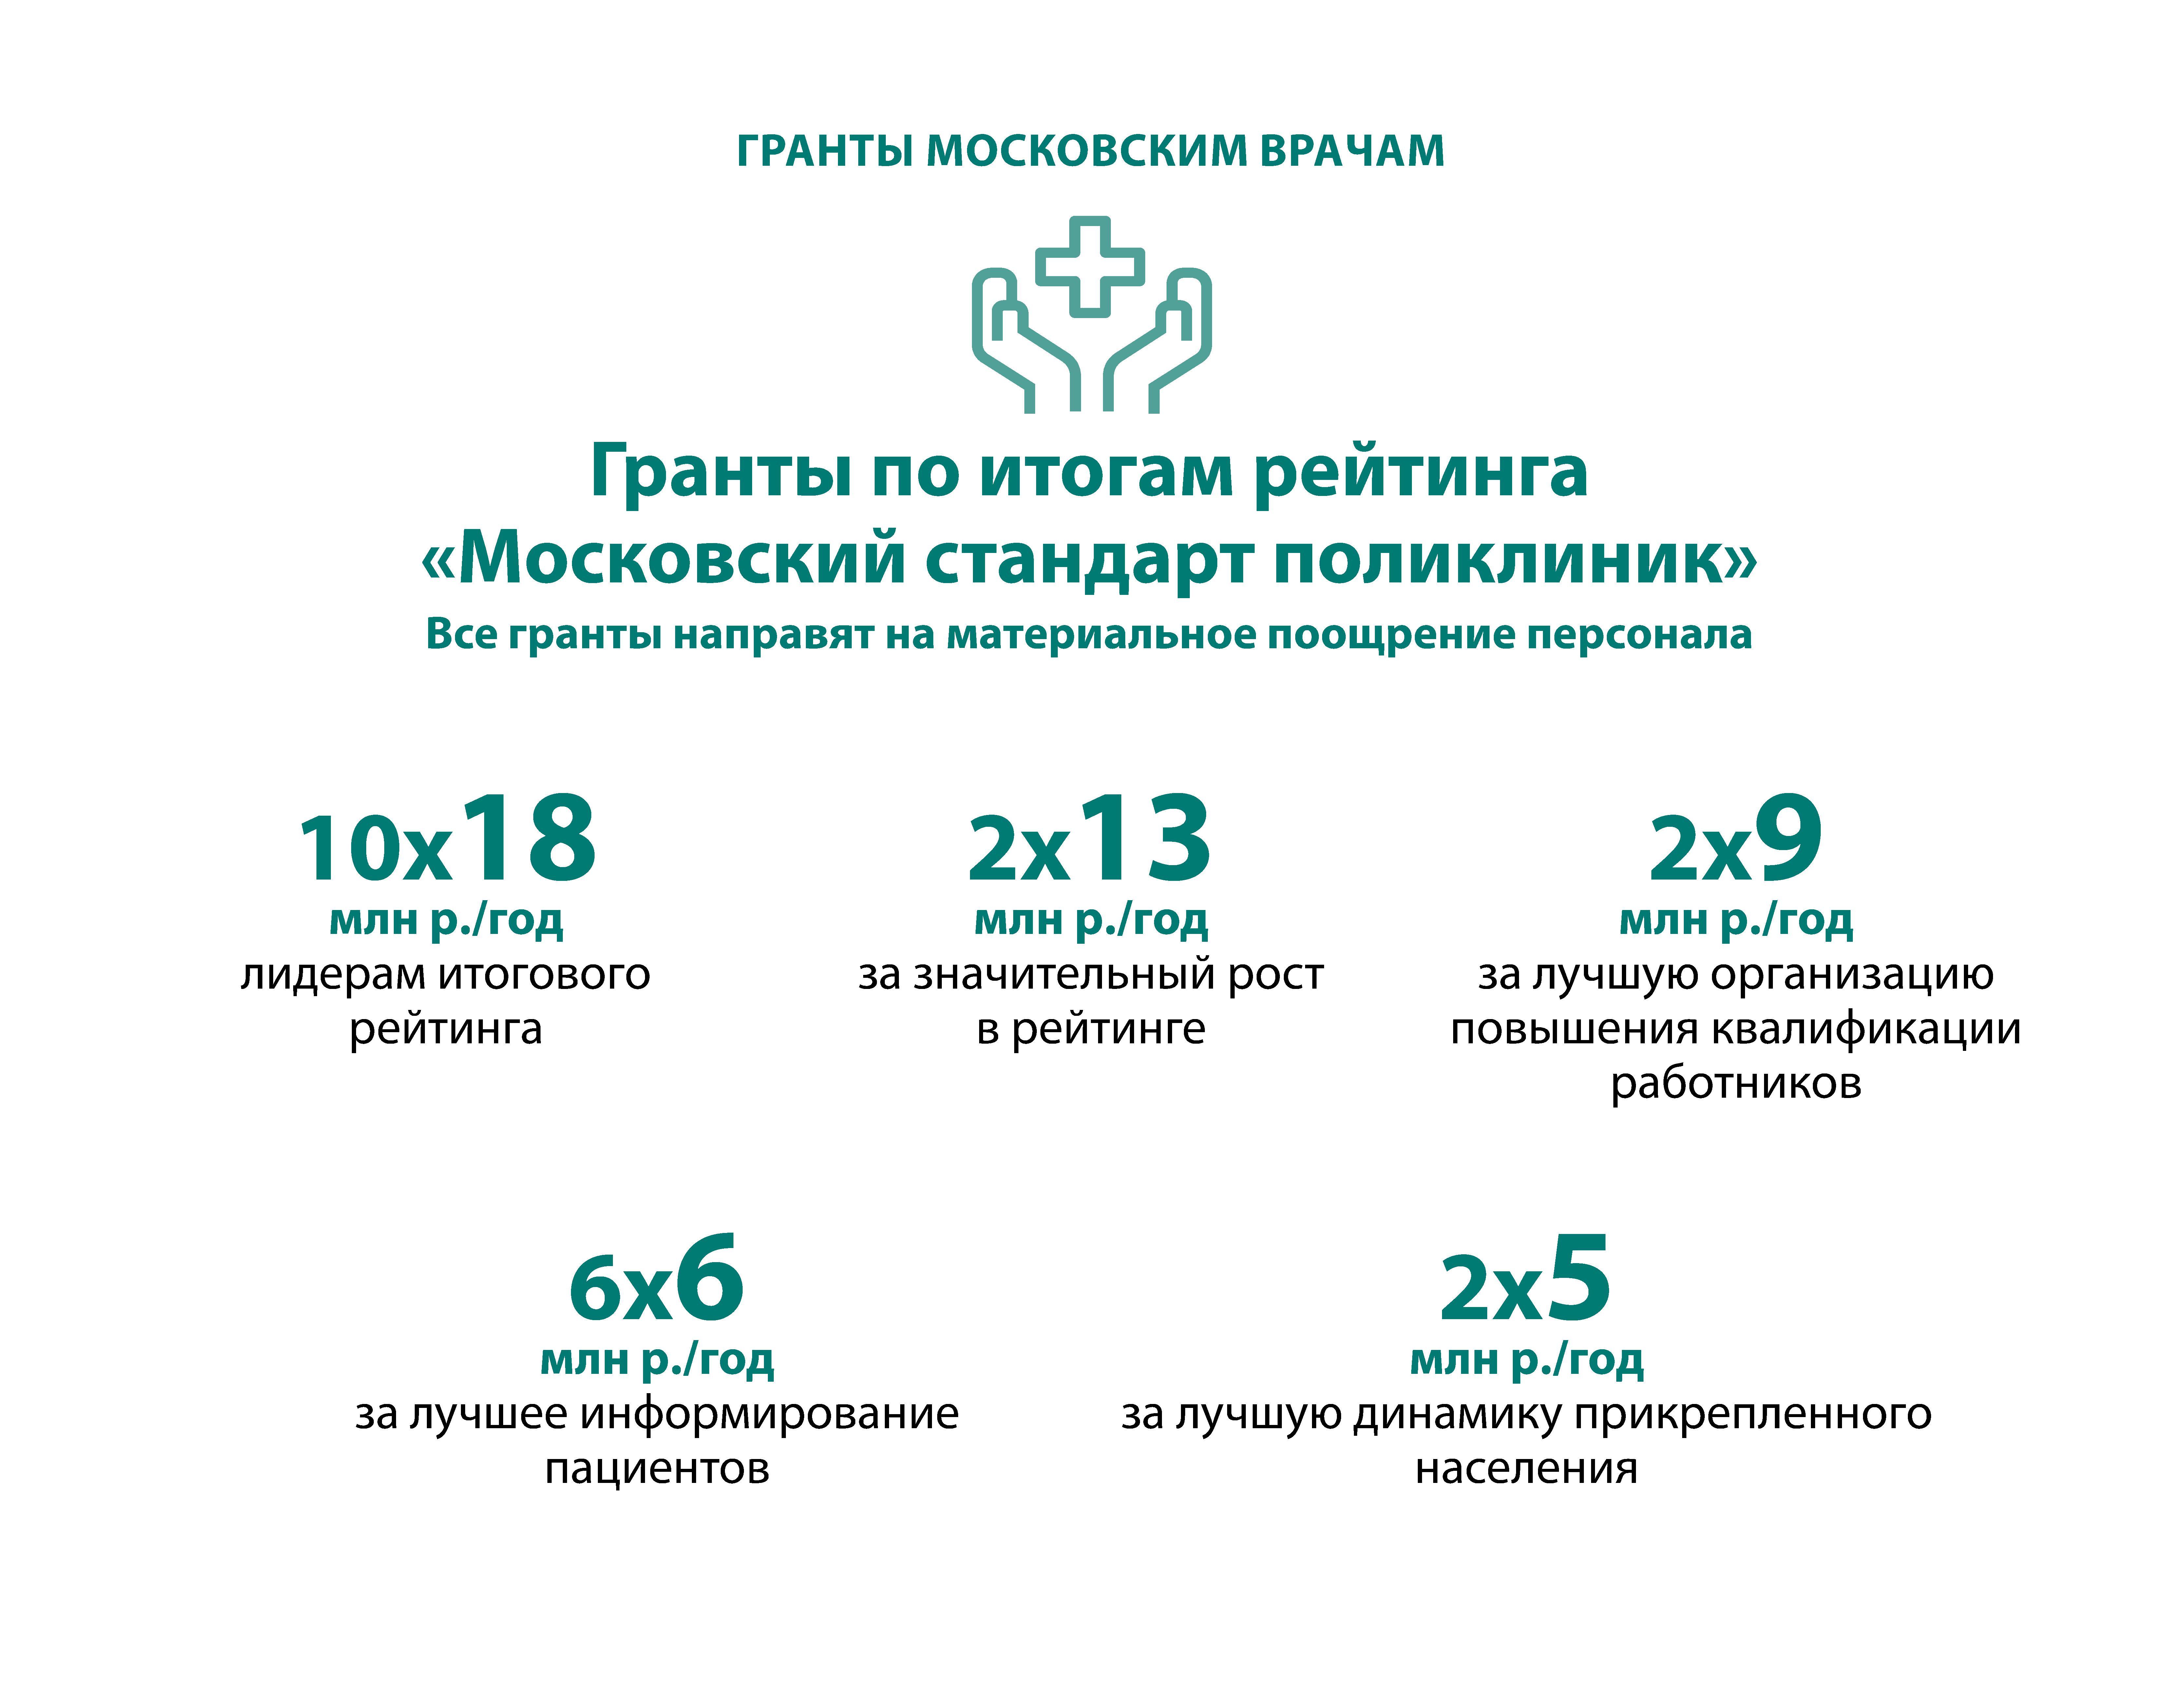 Лучшие медицинские учреждения, работающие по московскому стандарту здравоохранения, получат денежные гранты, сообщилСергей Собянинна заседании Президиума Правительства Москвы. «Практически все городские поликлиники работают в системе обязательного медицинского страхования, которое подразумевает клиентоориентированный подход: чем больше пациентов, прикрепленных к поликлинике, тем больше она получает финансирования. Тем не менее такого стимула явно недостаточно. Поэтому мы сегодня на заседании рассмотрим и примем целую систему грантов, поощряющих поликлиники, достигшие наилучших показателей по качественной работе с пациентами, повышению квалификации», — отметил Сергей Собянин.